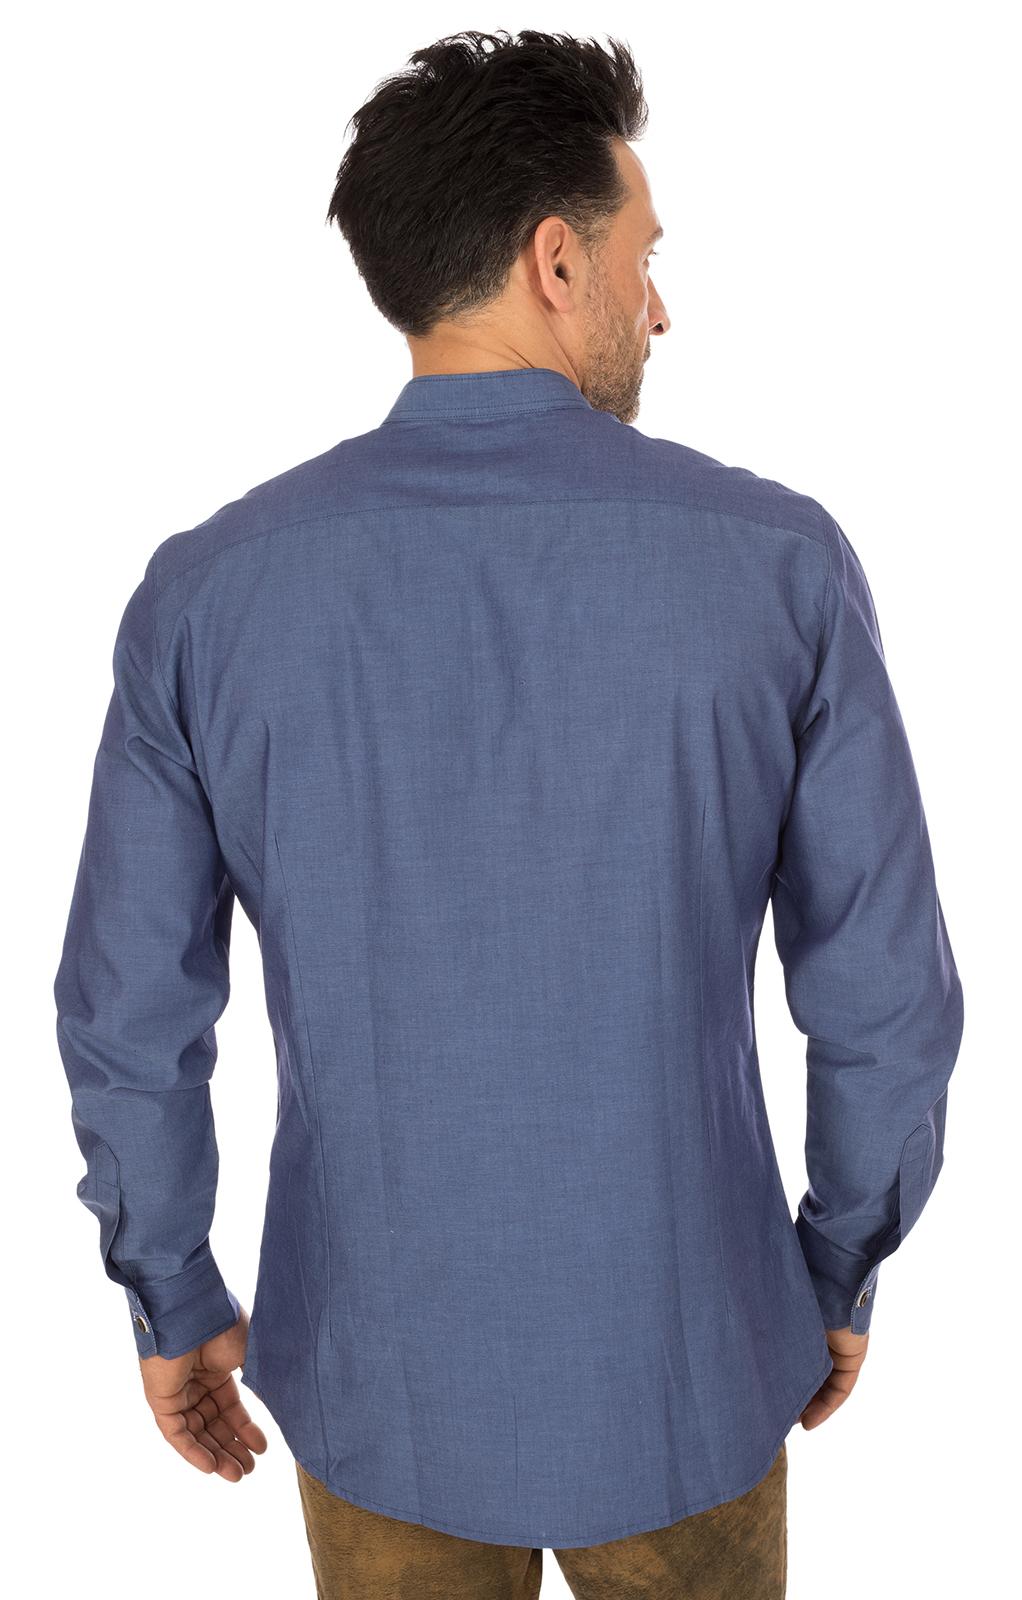 weitere Bilder von Trachtenhemd FERRY Stehkragen jeansblau